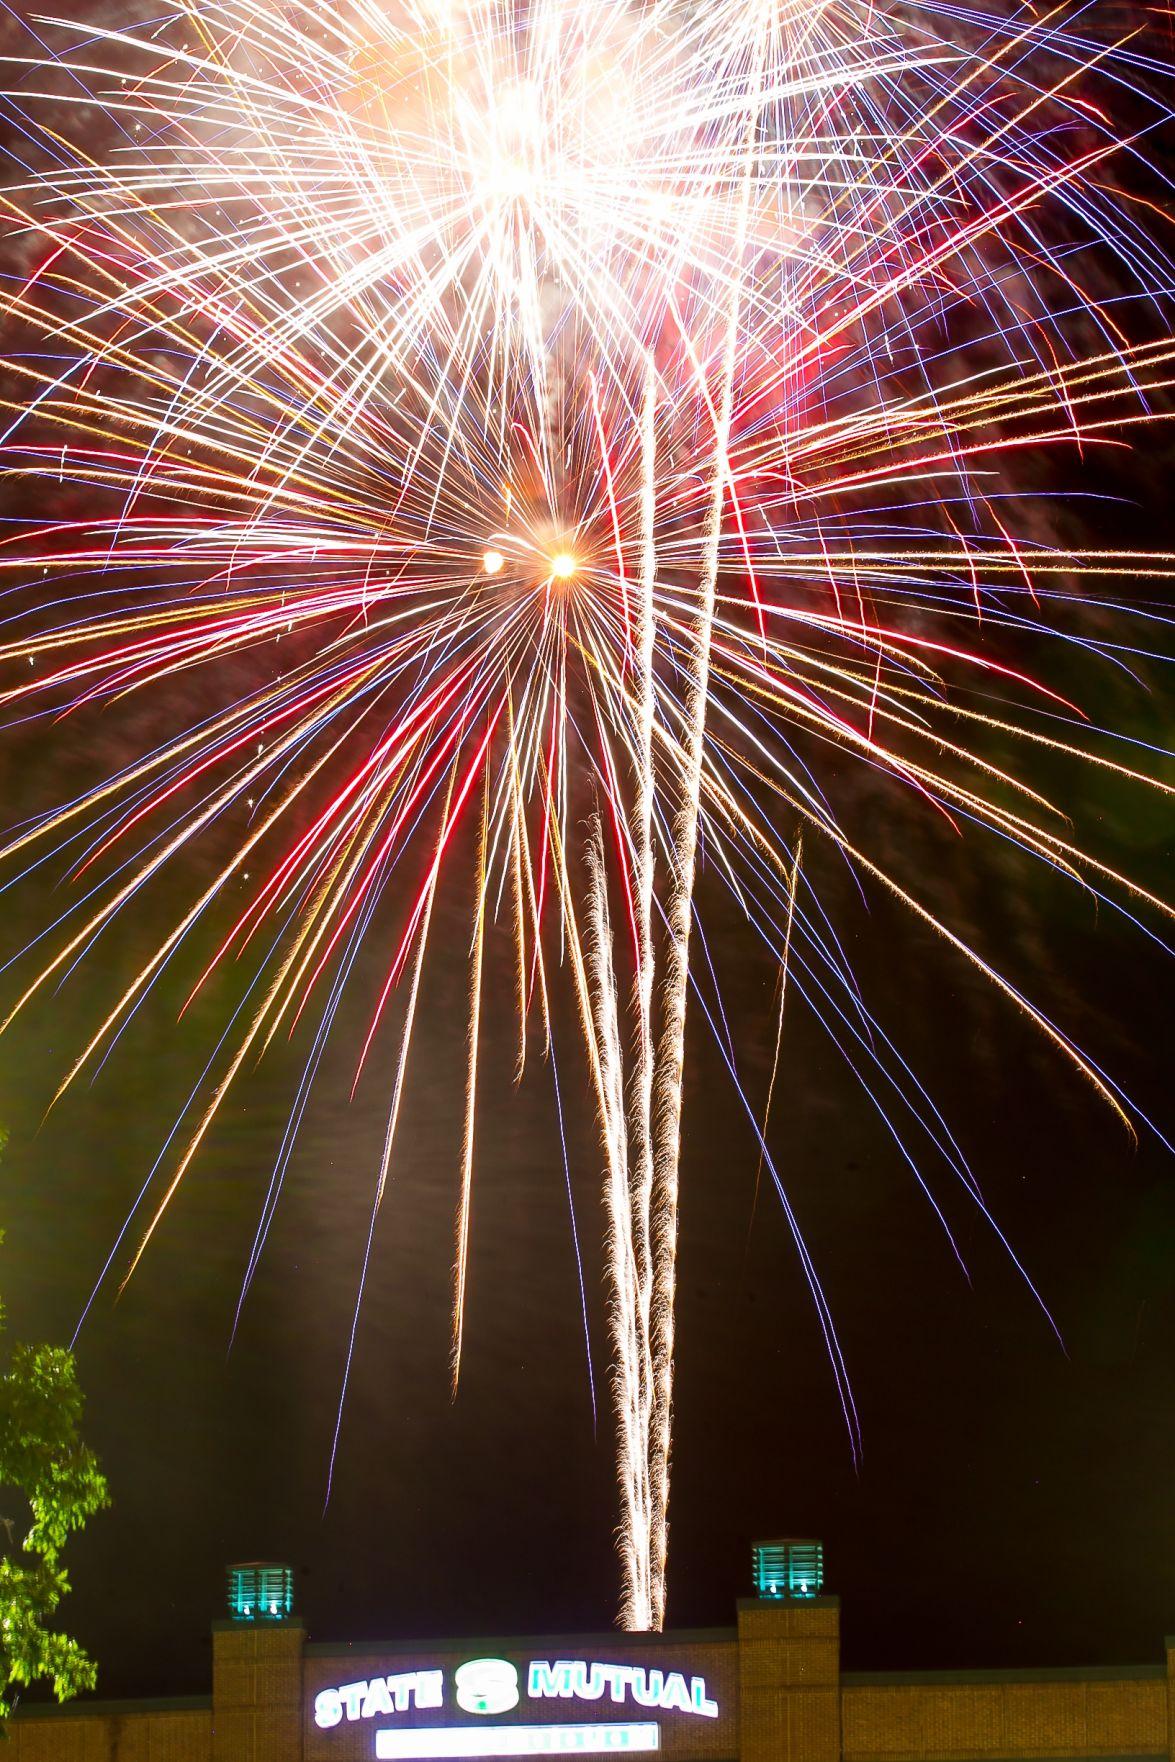 Rome Braves fireworks